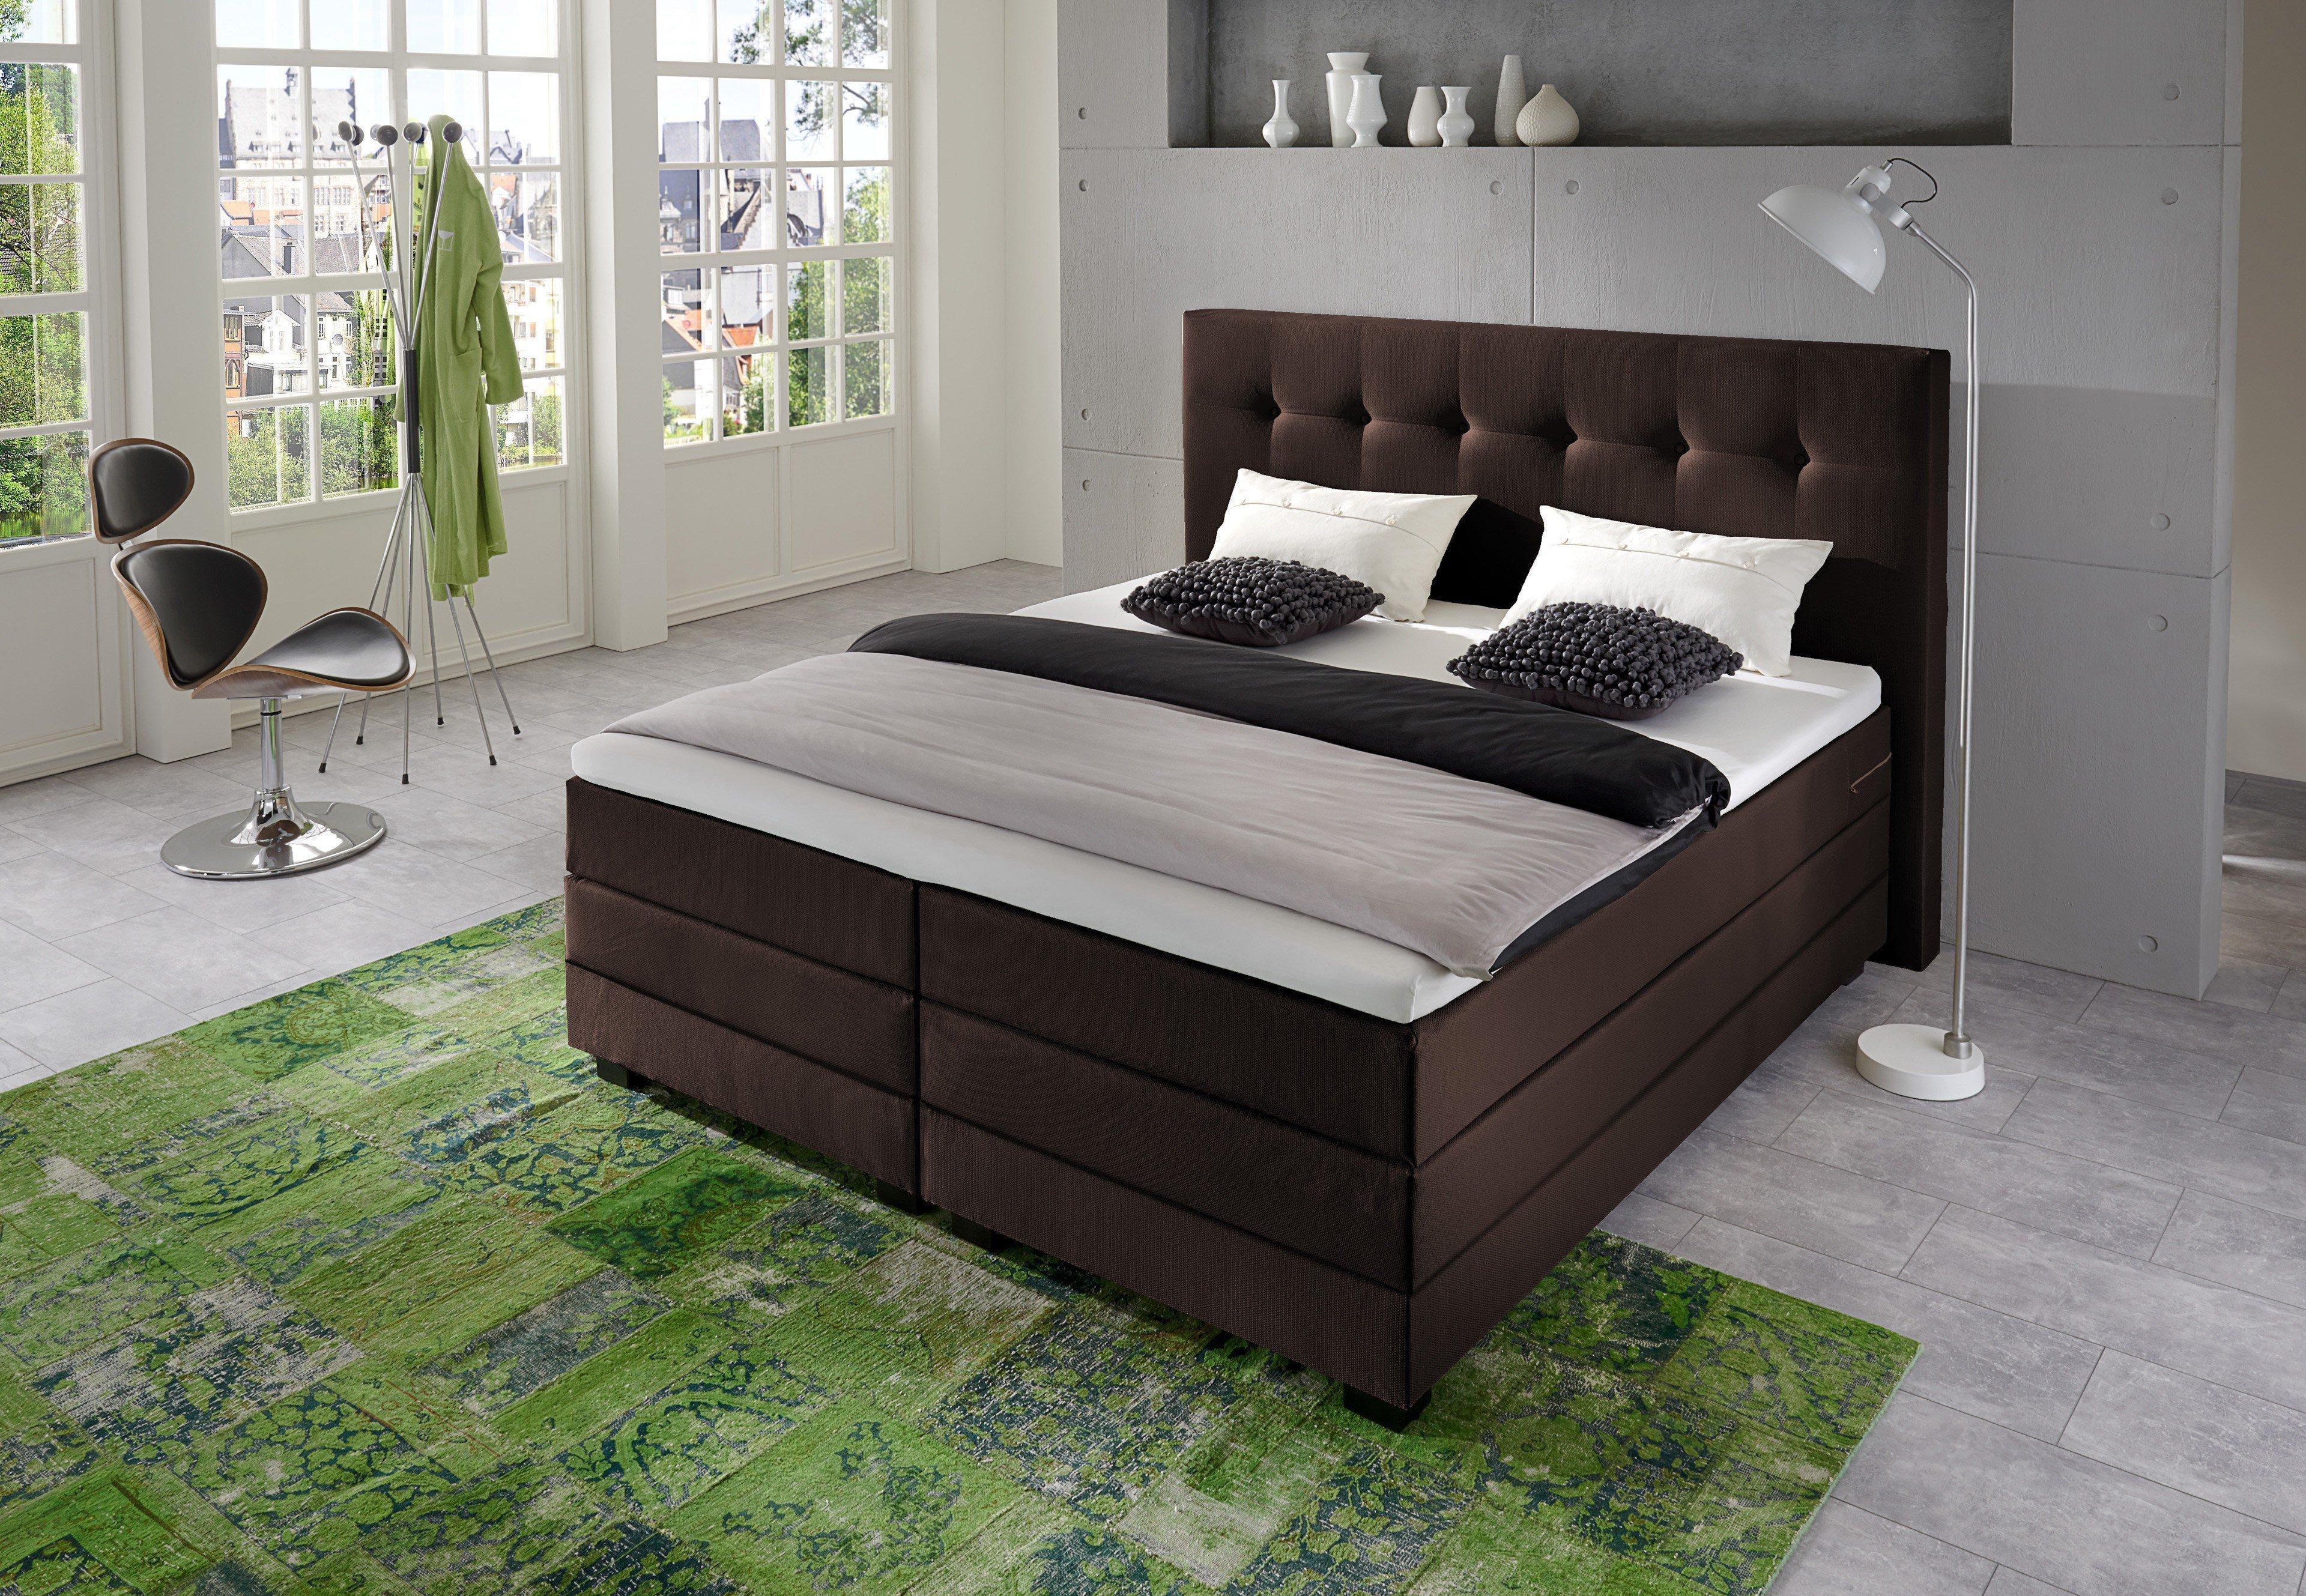 napco boxspringbett in braun mit steppung m bel letz ihr online shop. Black Bedroom Furniture Sets. Home Design Ideas